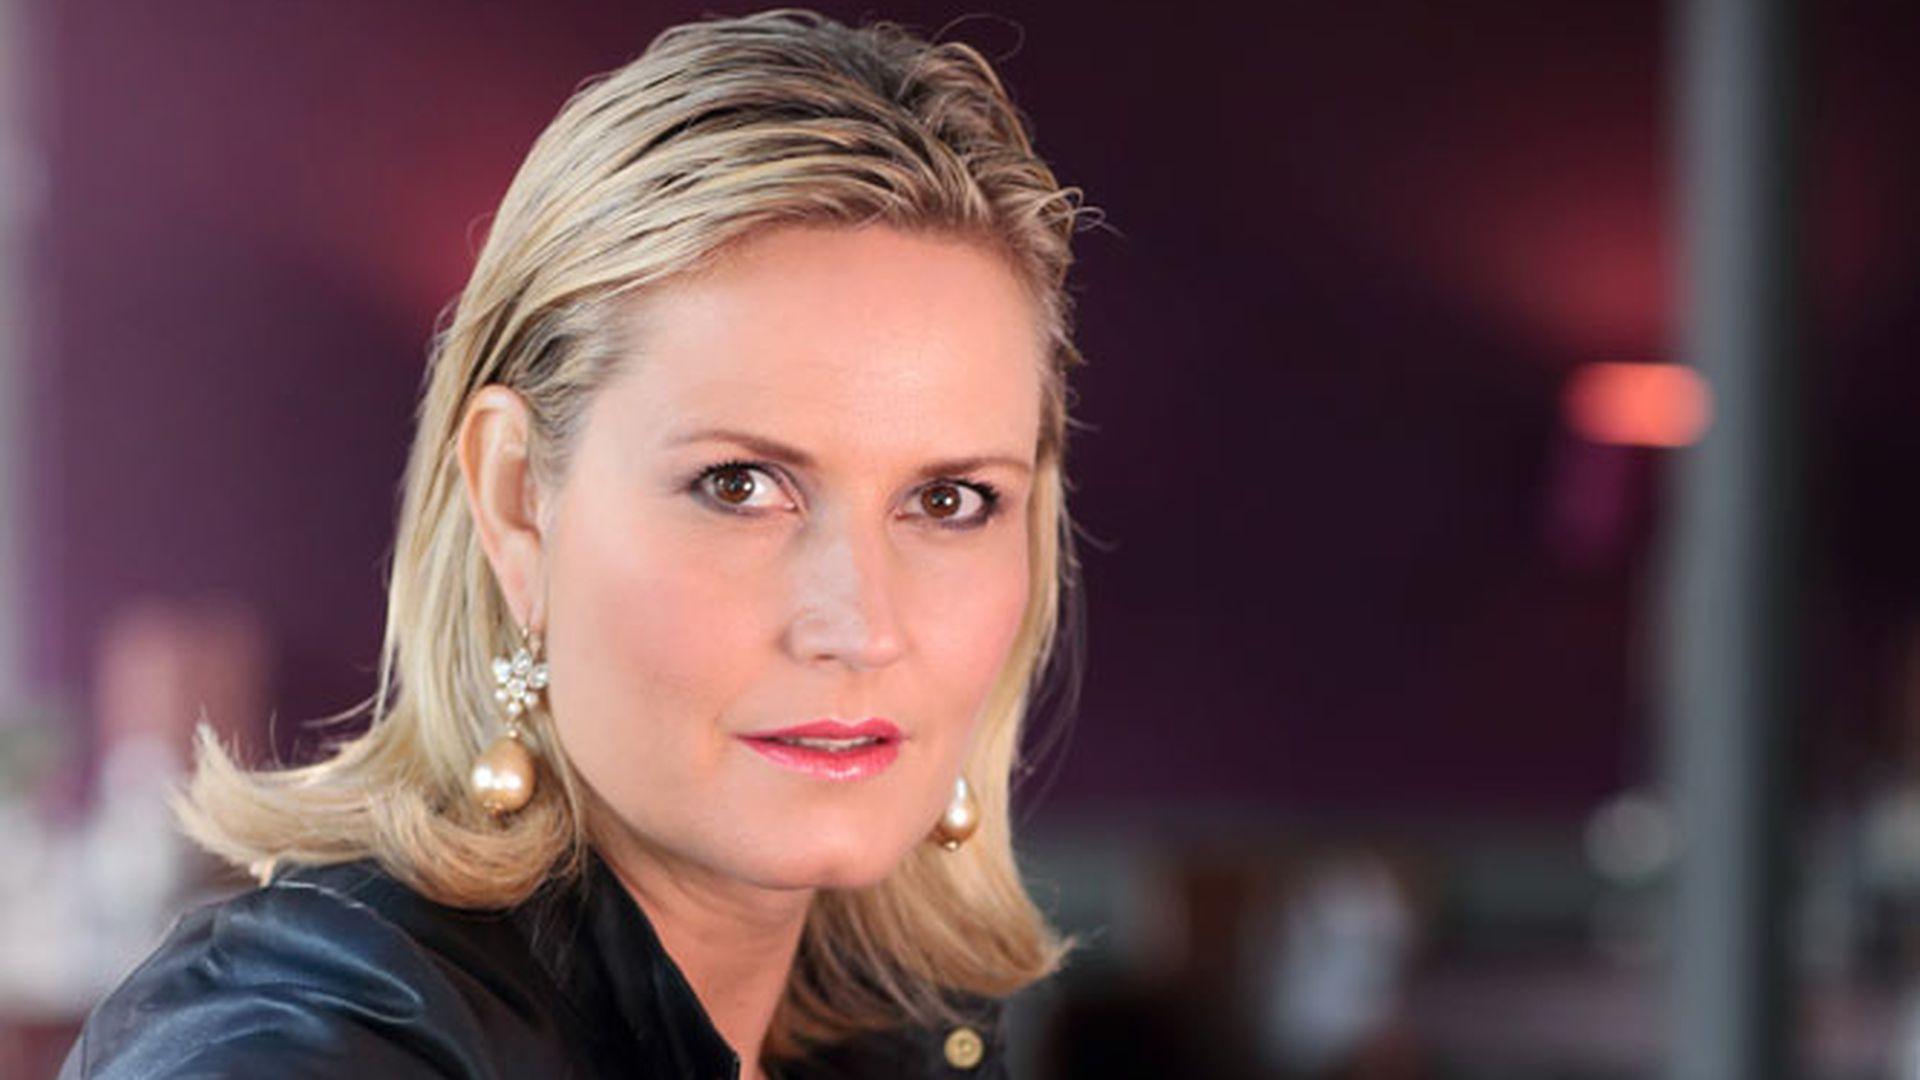 Maailmalavade ooperitäht esineb Camilla Nylund esmakordselt Eestis